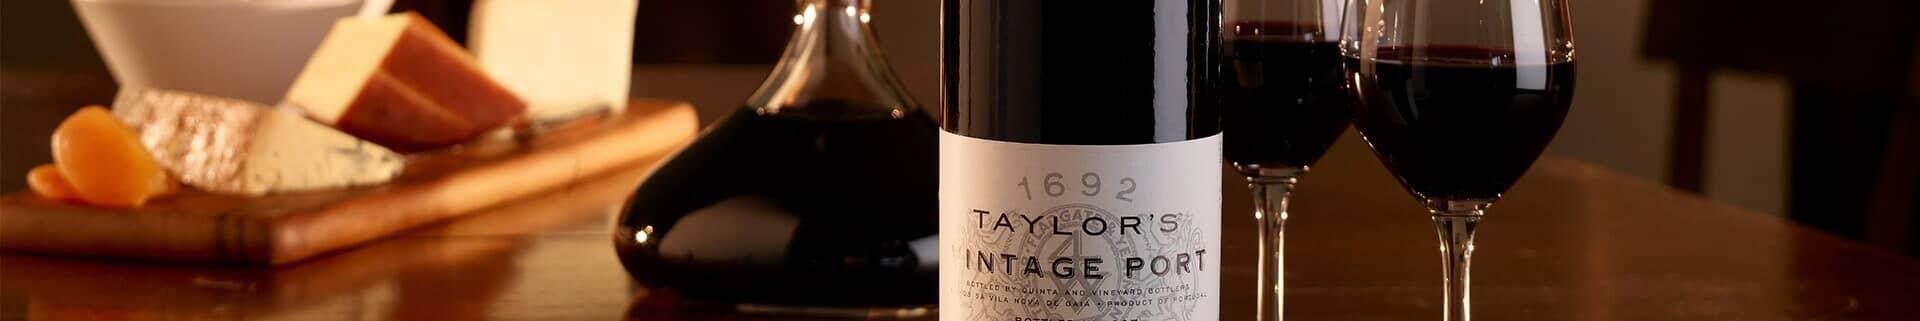 Klassischer Vintage Port - Taylor's